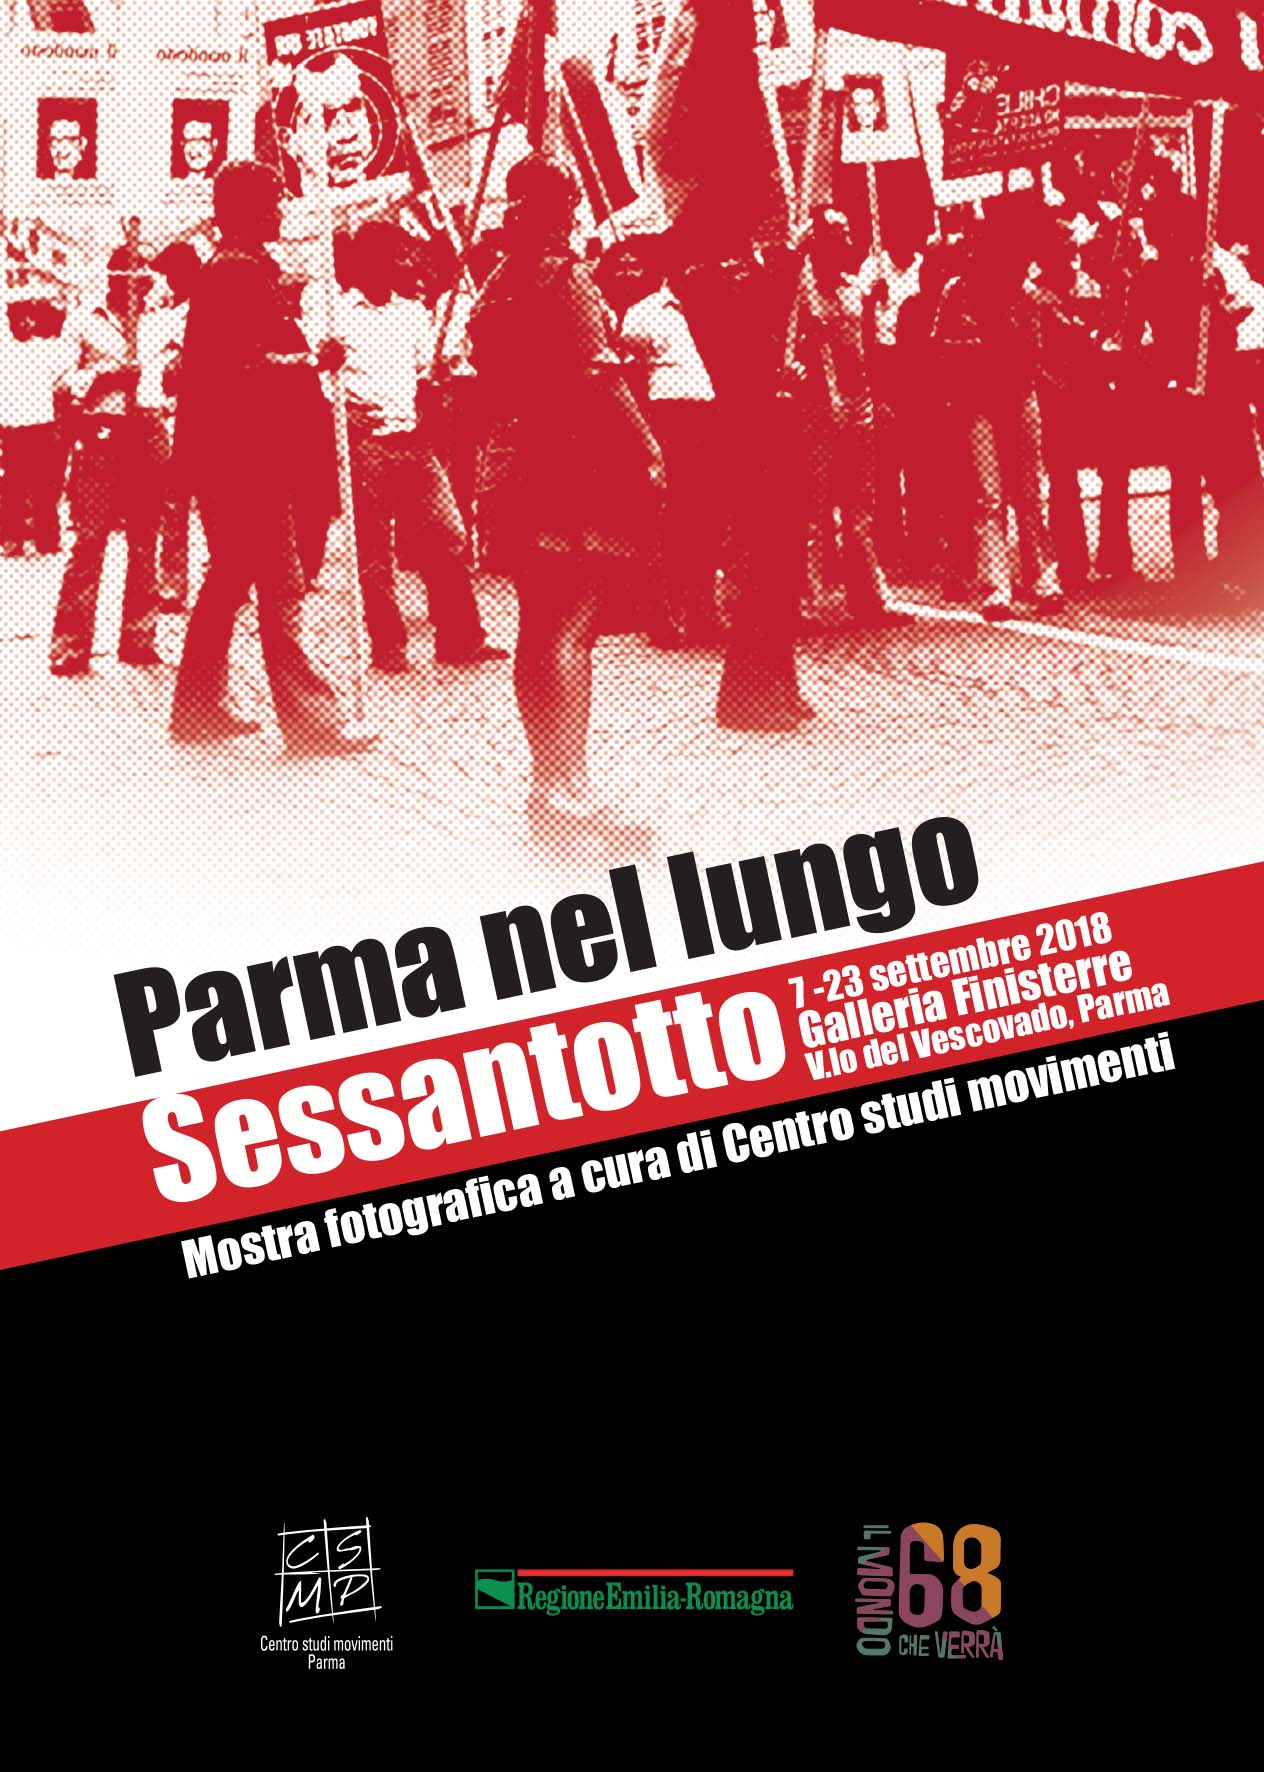 Parma nel lungo Sessantotto – Mostra fotografica 7-23 settembre 2018